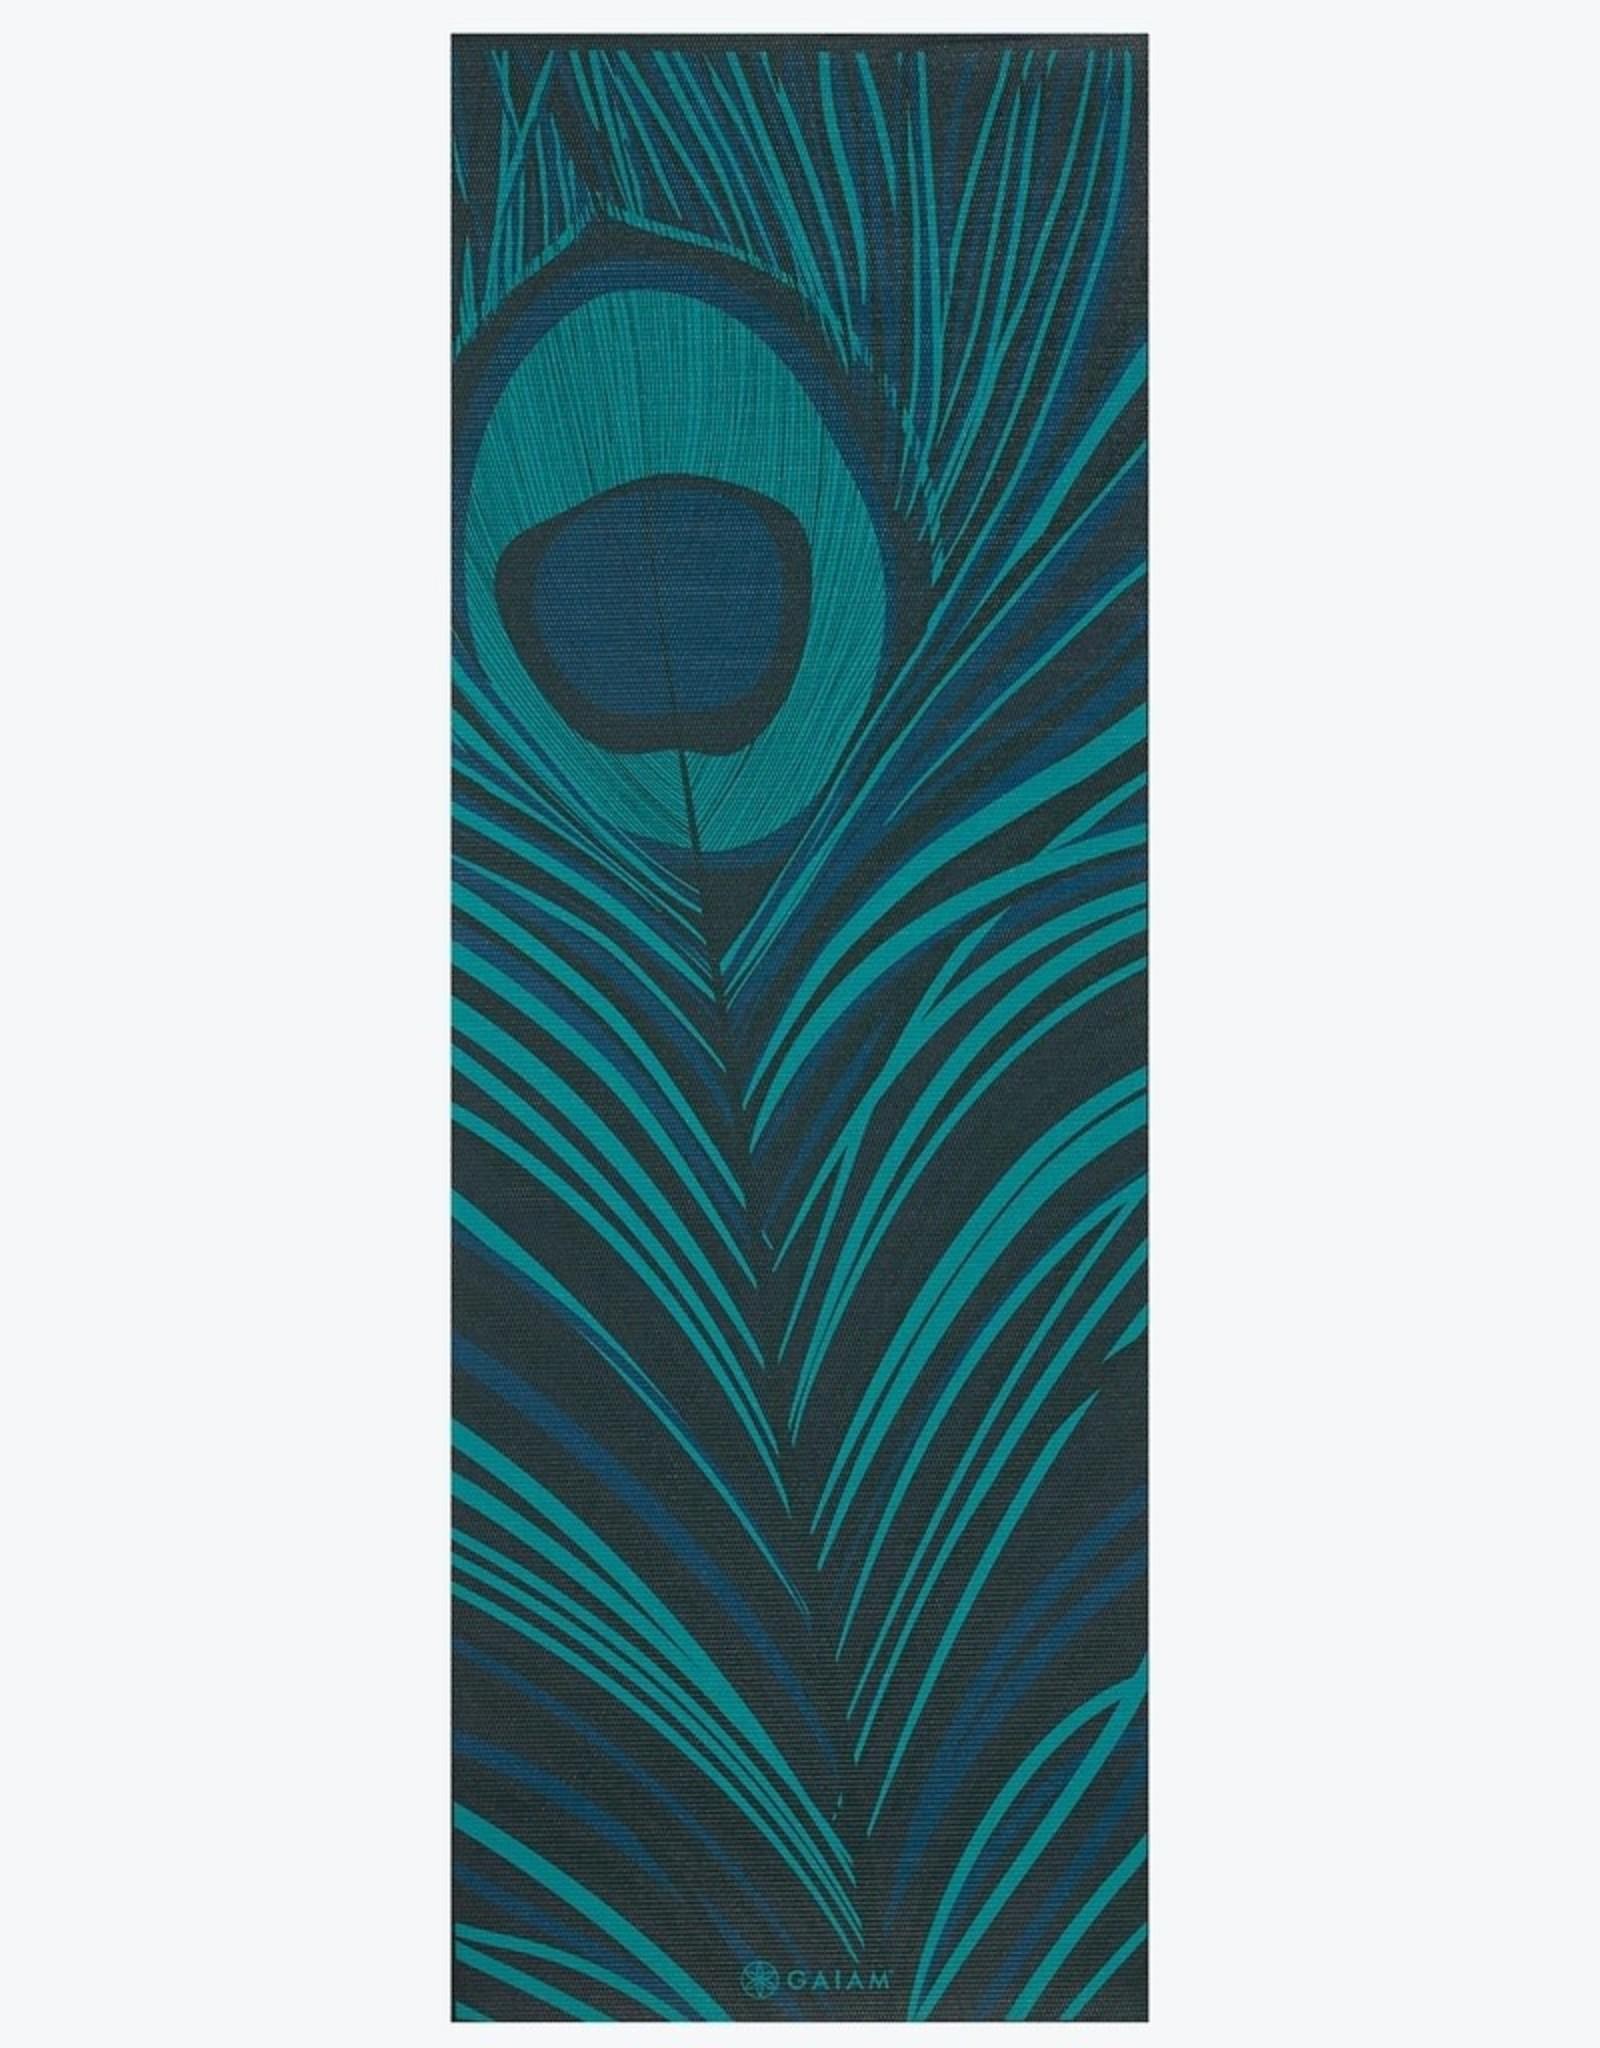 Gaiam Gaiam 6mm Yoga Mat